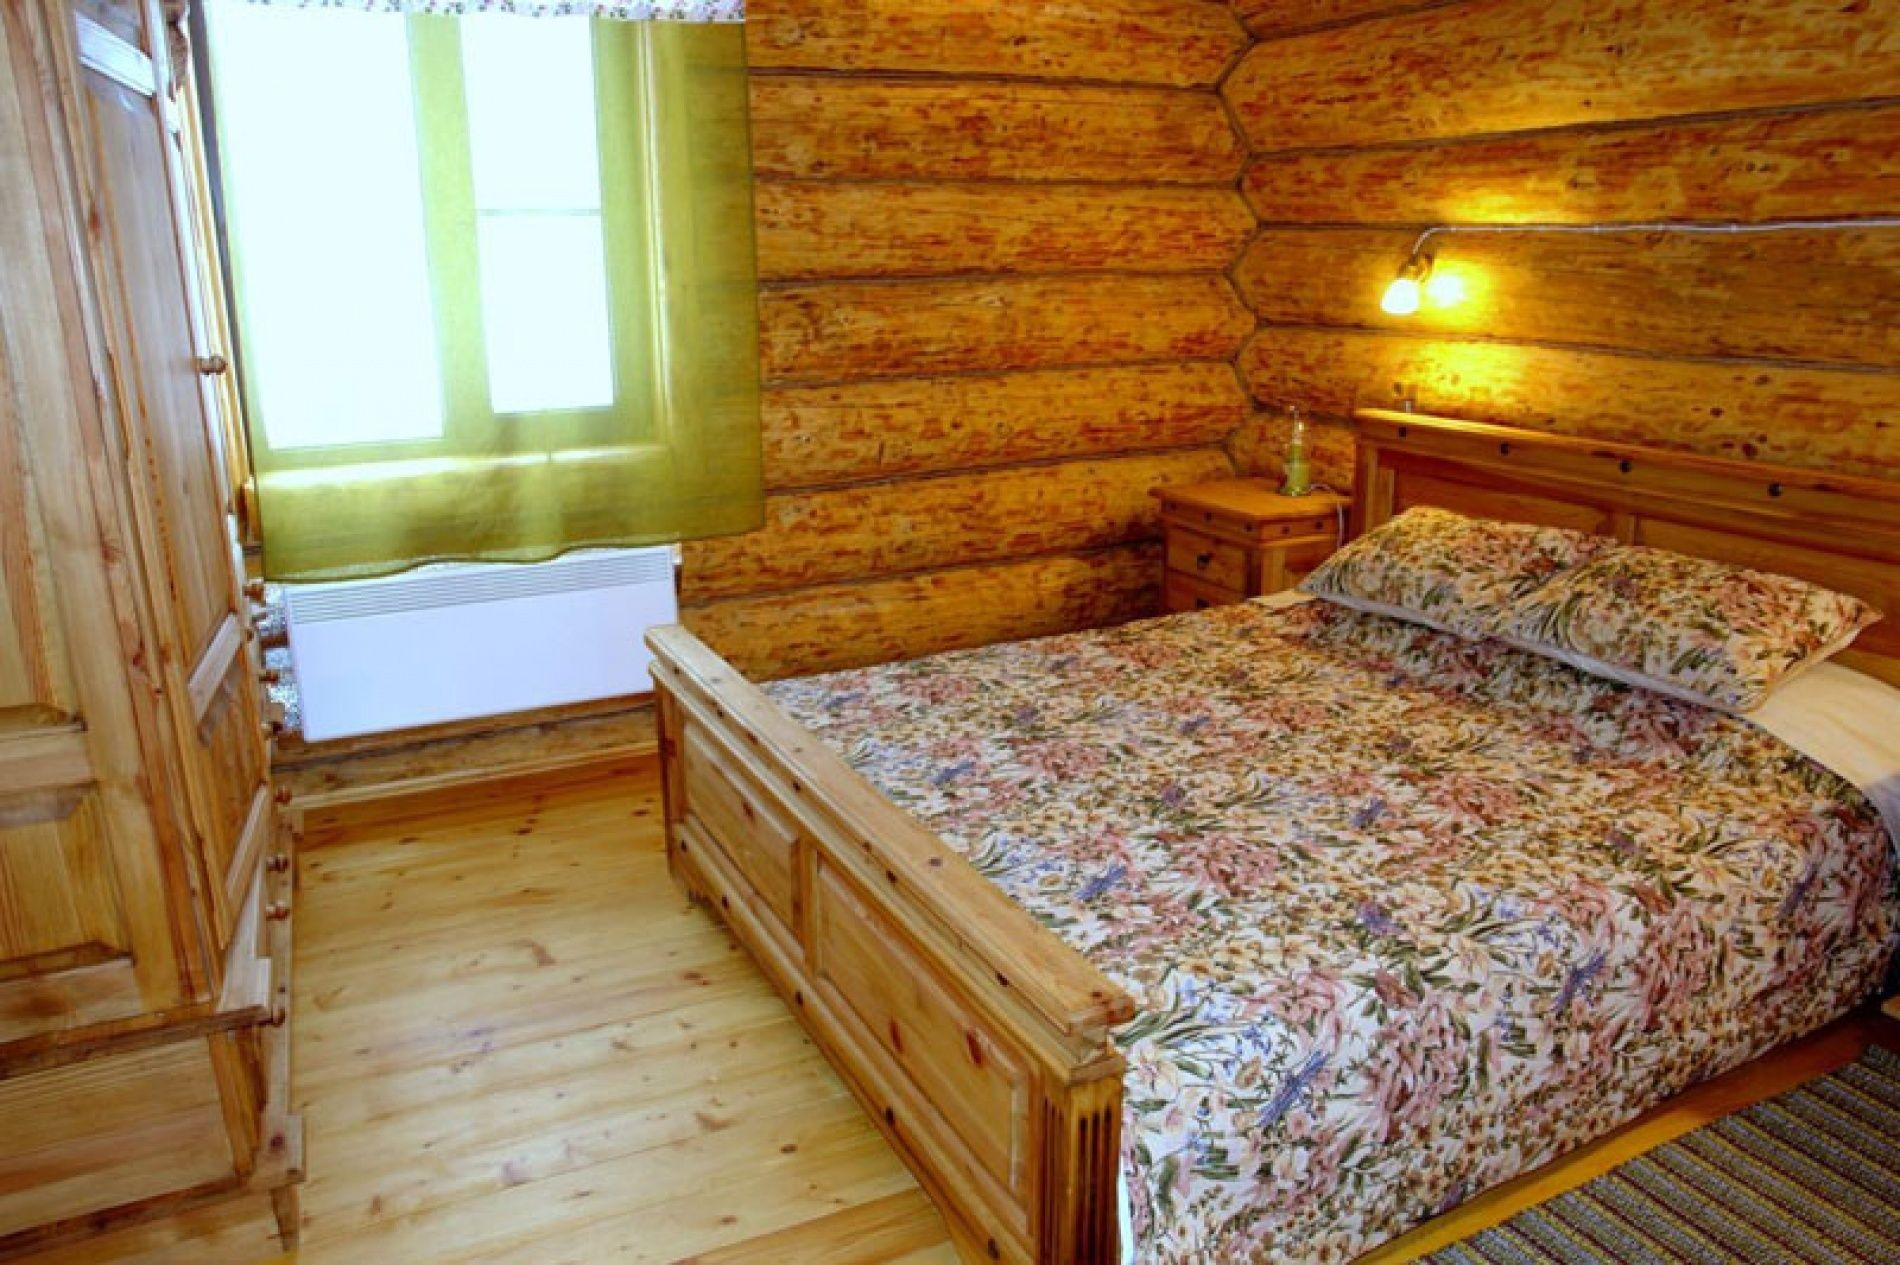 Эко-ферма «Ваньково» Московская область Гостевой дом №3, фото 3